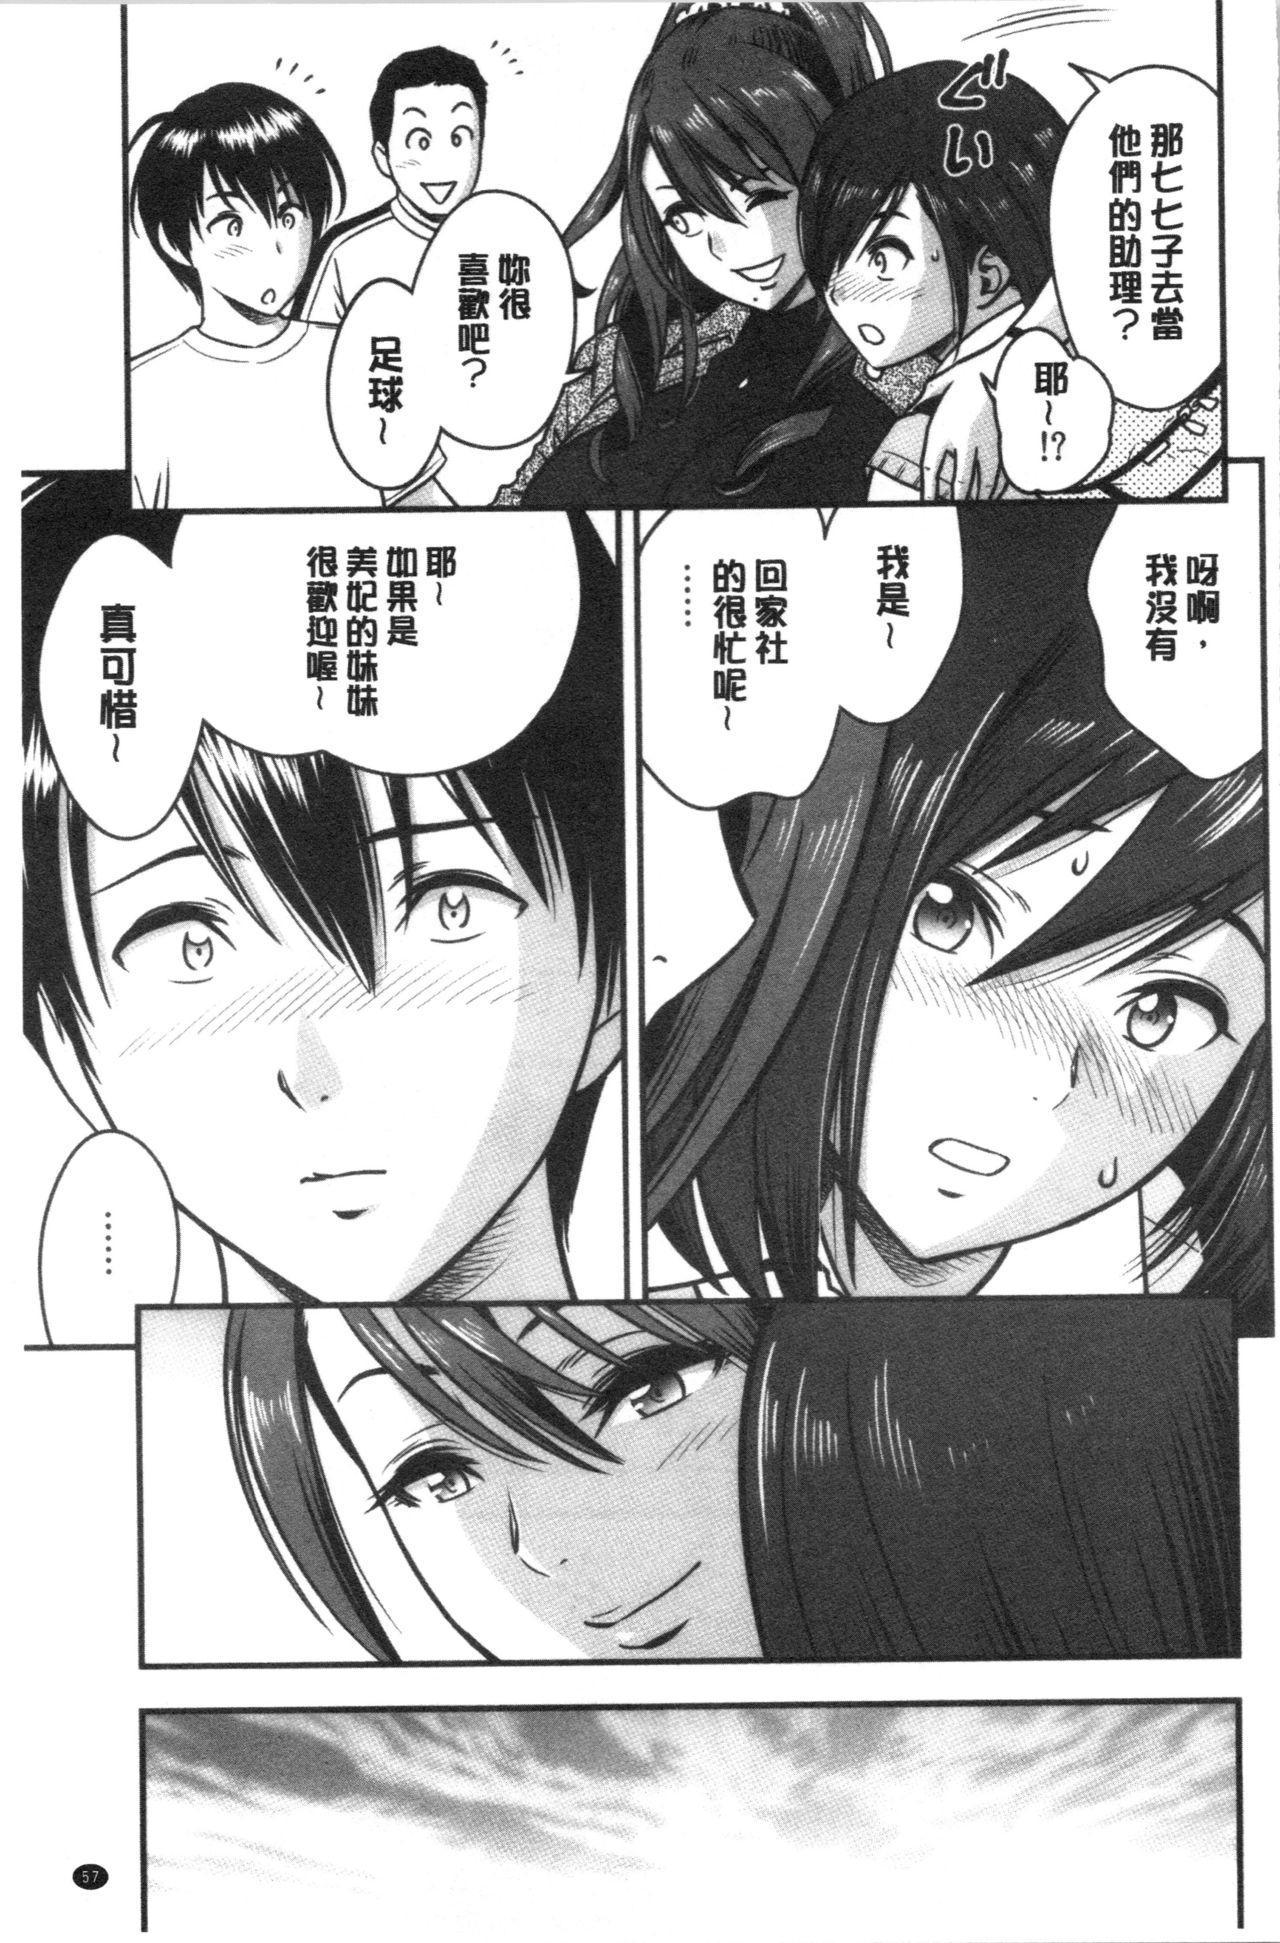 [Tatsunami Youtoku] Dankon Sousai -Hitozuma Kyoushi ga Netorareru made no Kiroku- | 男根想妻 -人妻女教師被寢取偷吃為止的記錄- [Chinese] 59